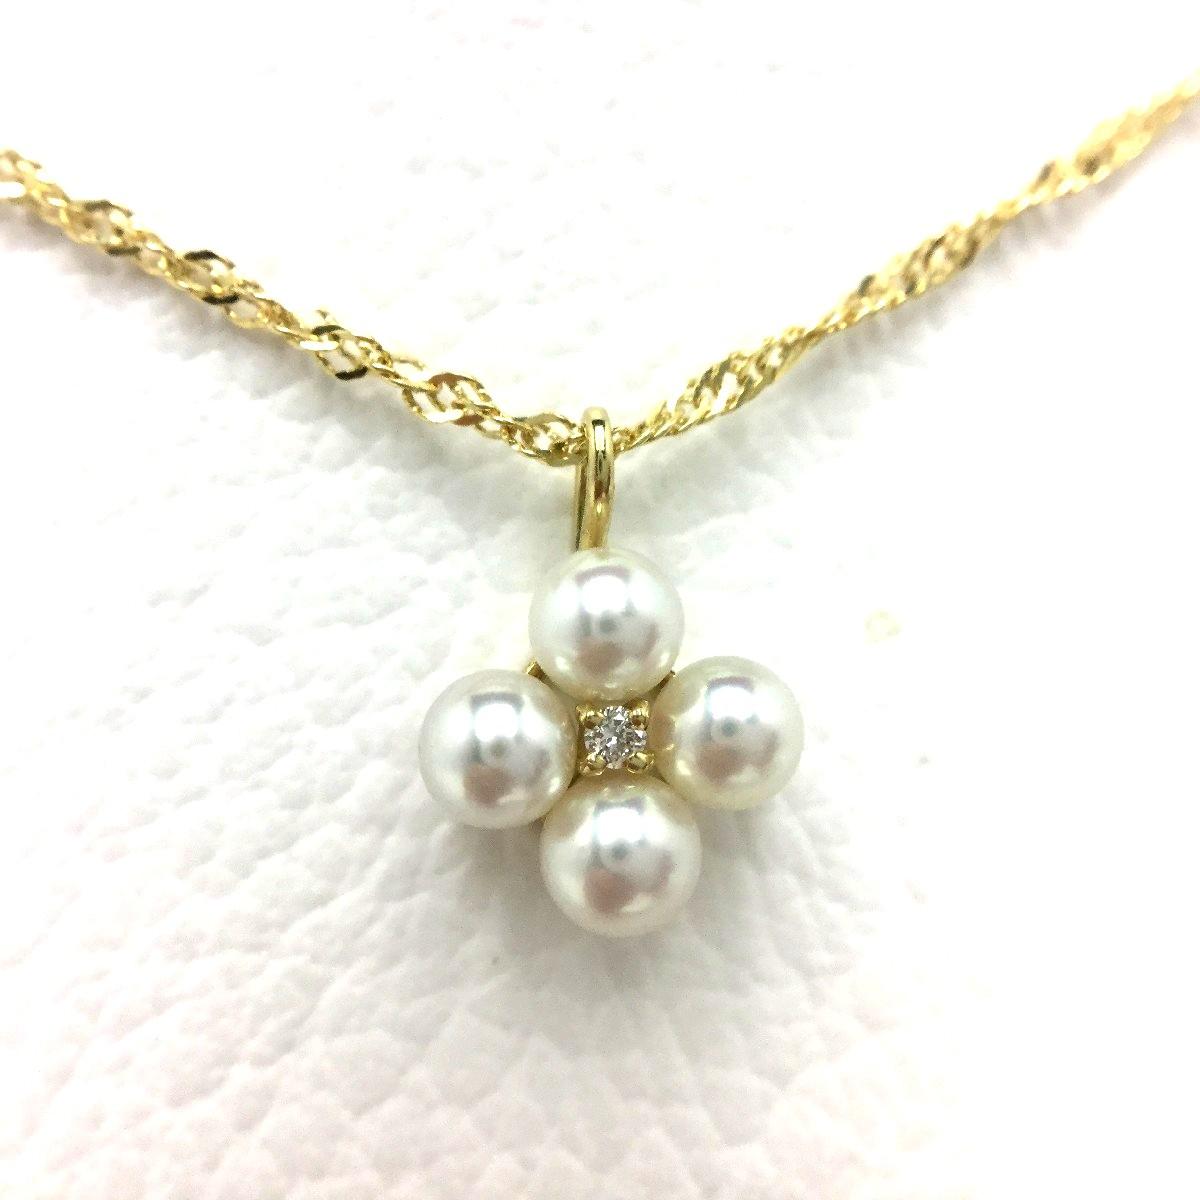 真珠 ペンダント パール アコヤ真珠 約3.7mm ホワイトピンク K18 イエローゴールド 0.01ct 植物 フラワー 66725 イソワパール